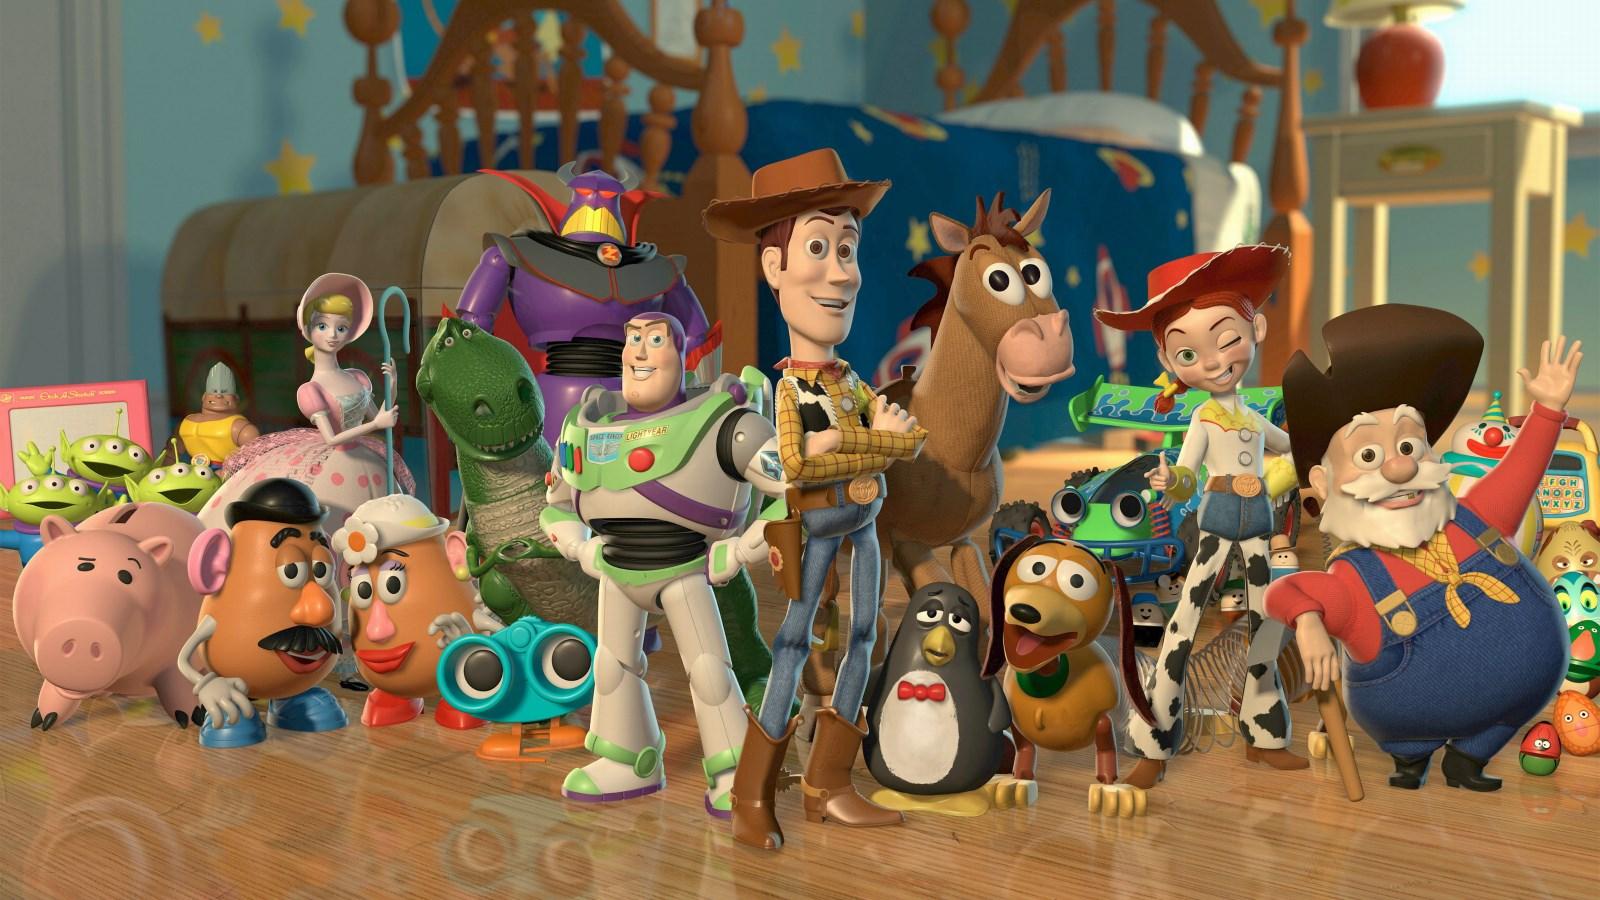 Toy Story 4 ya tiene fecha de estreno en las salas de cine da352ce9d96